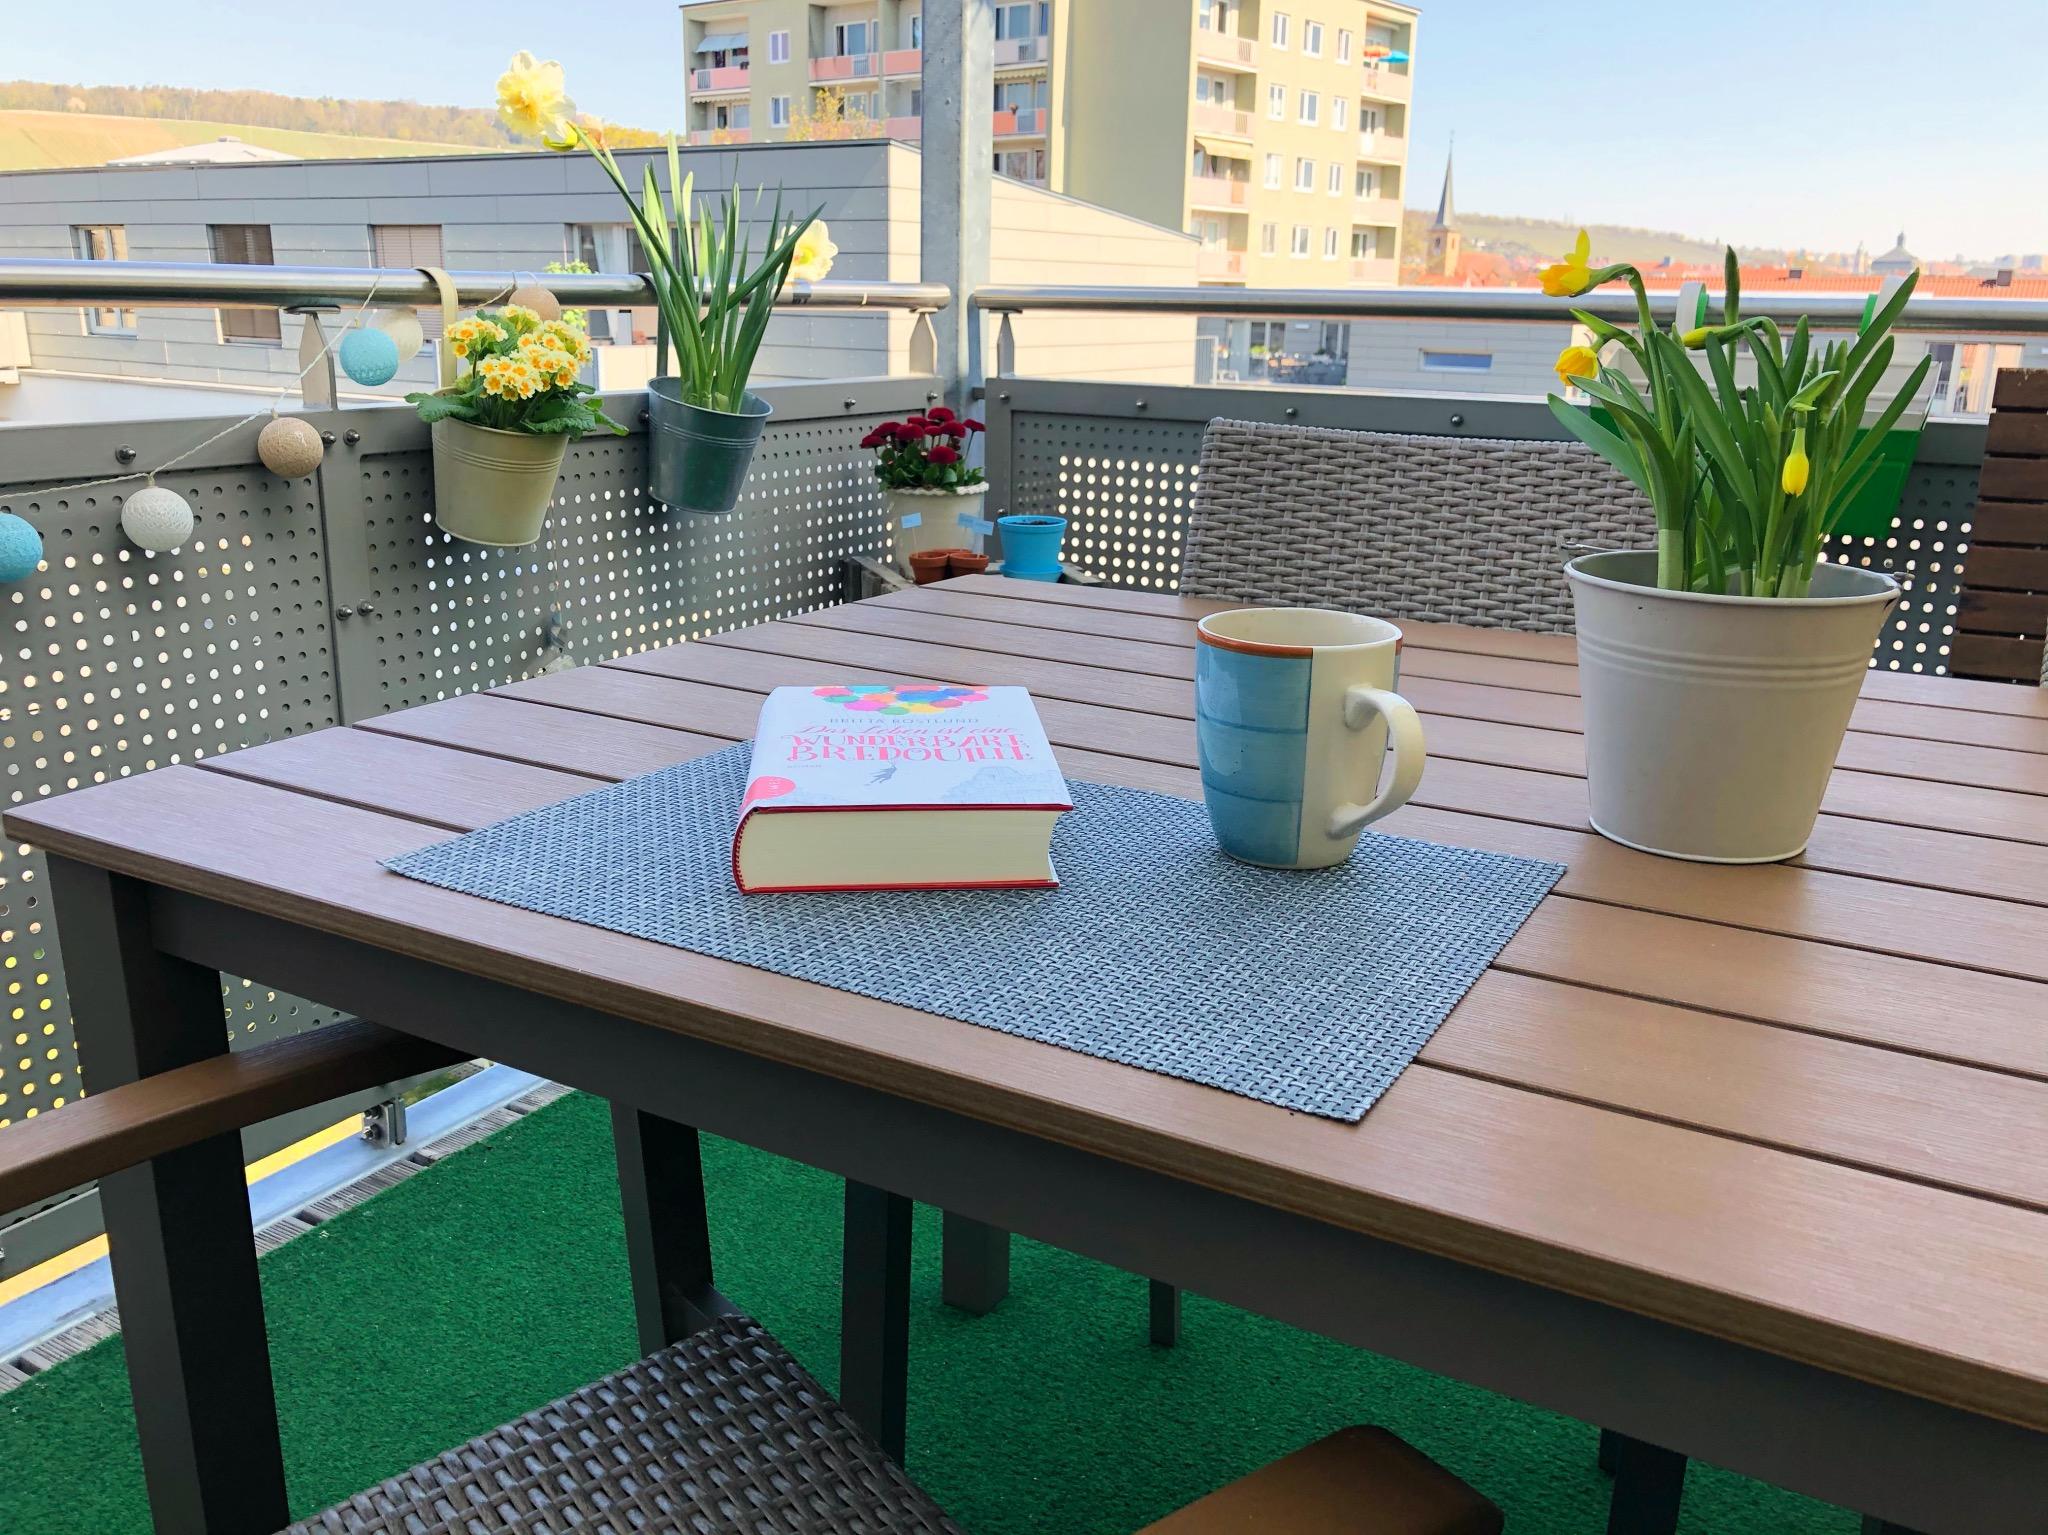 Mit einem Kaffee und einem Buch die Seele baumeln lassen. Foto: Katharina Kraus